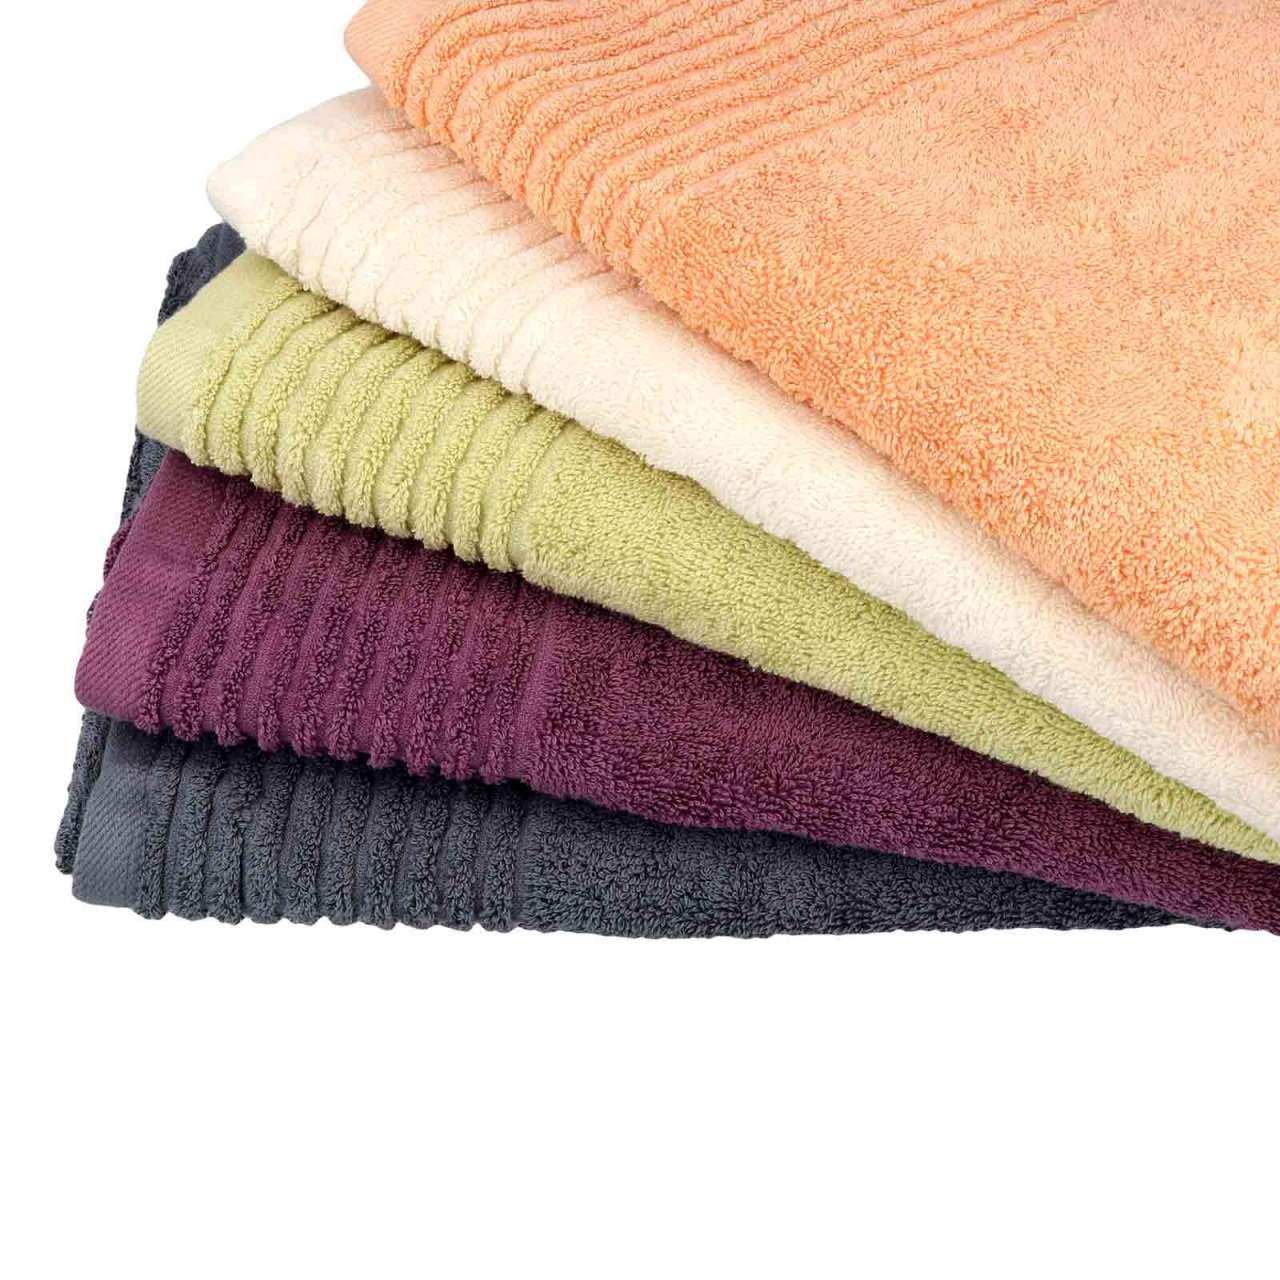 Walkfrottier Handtuch aus Bio-Baumwolle, kuschelig und flauschig